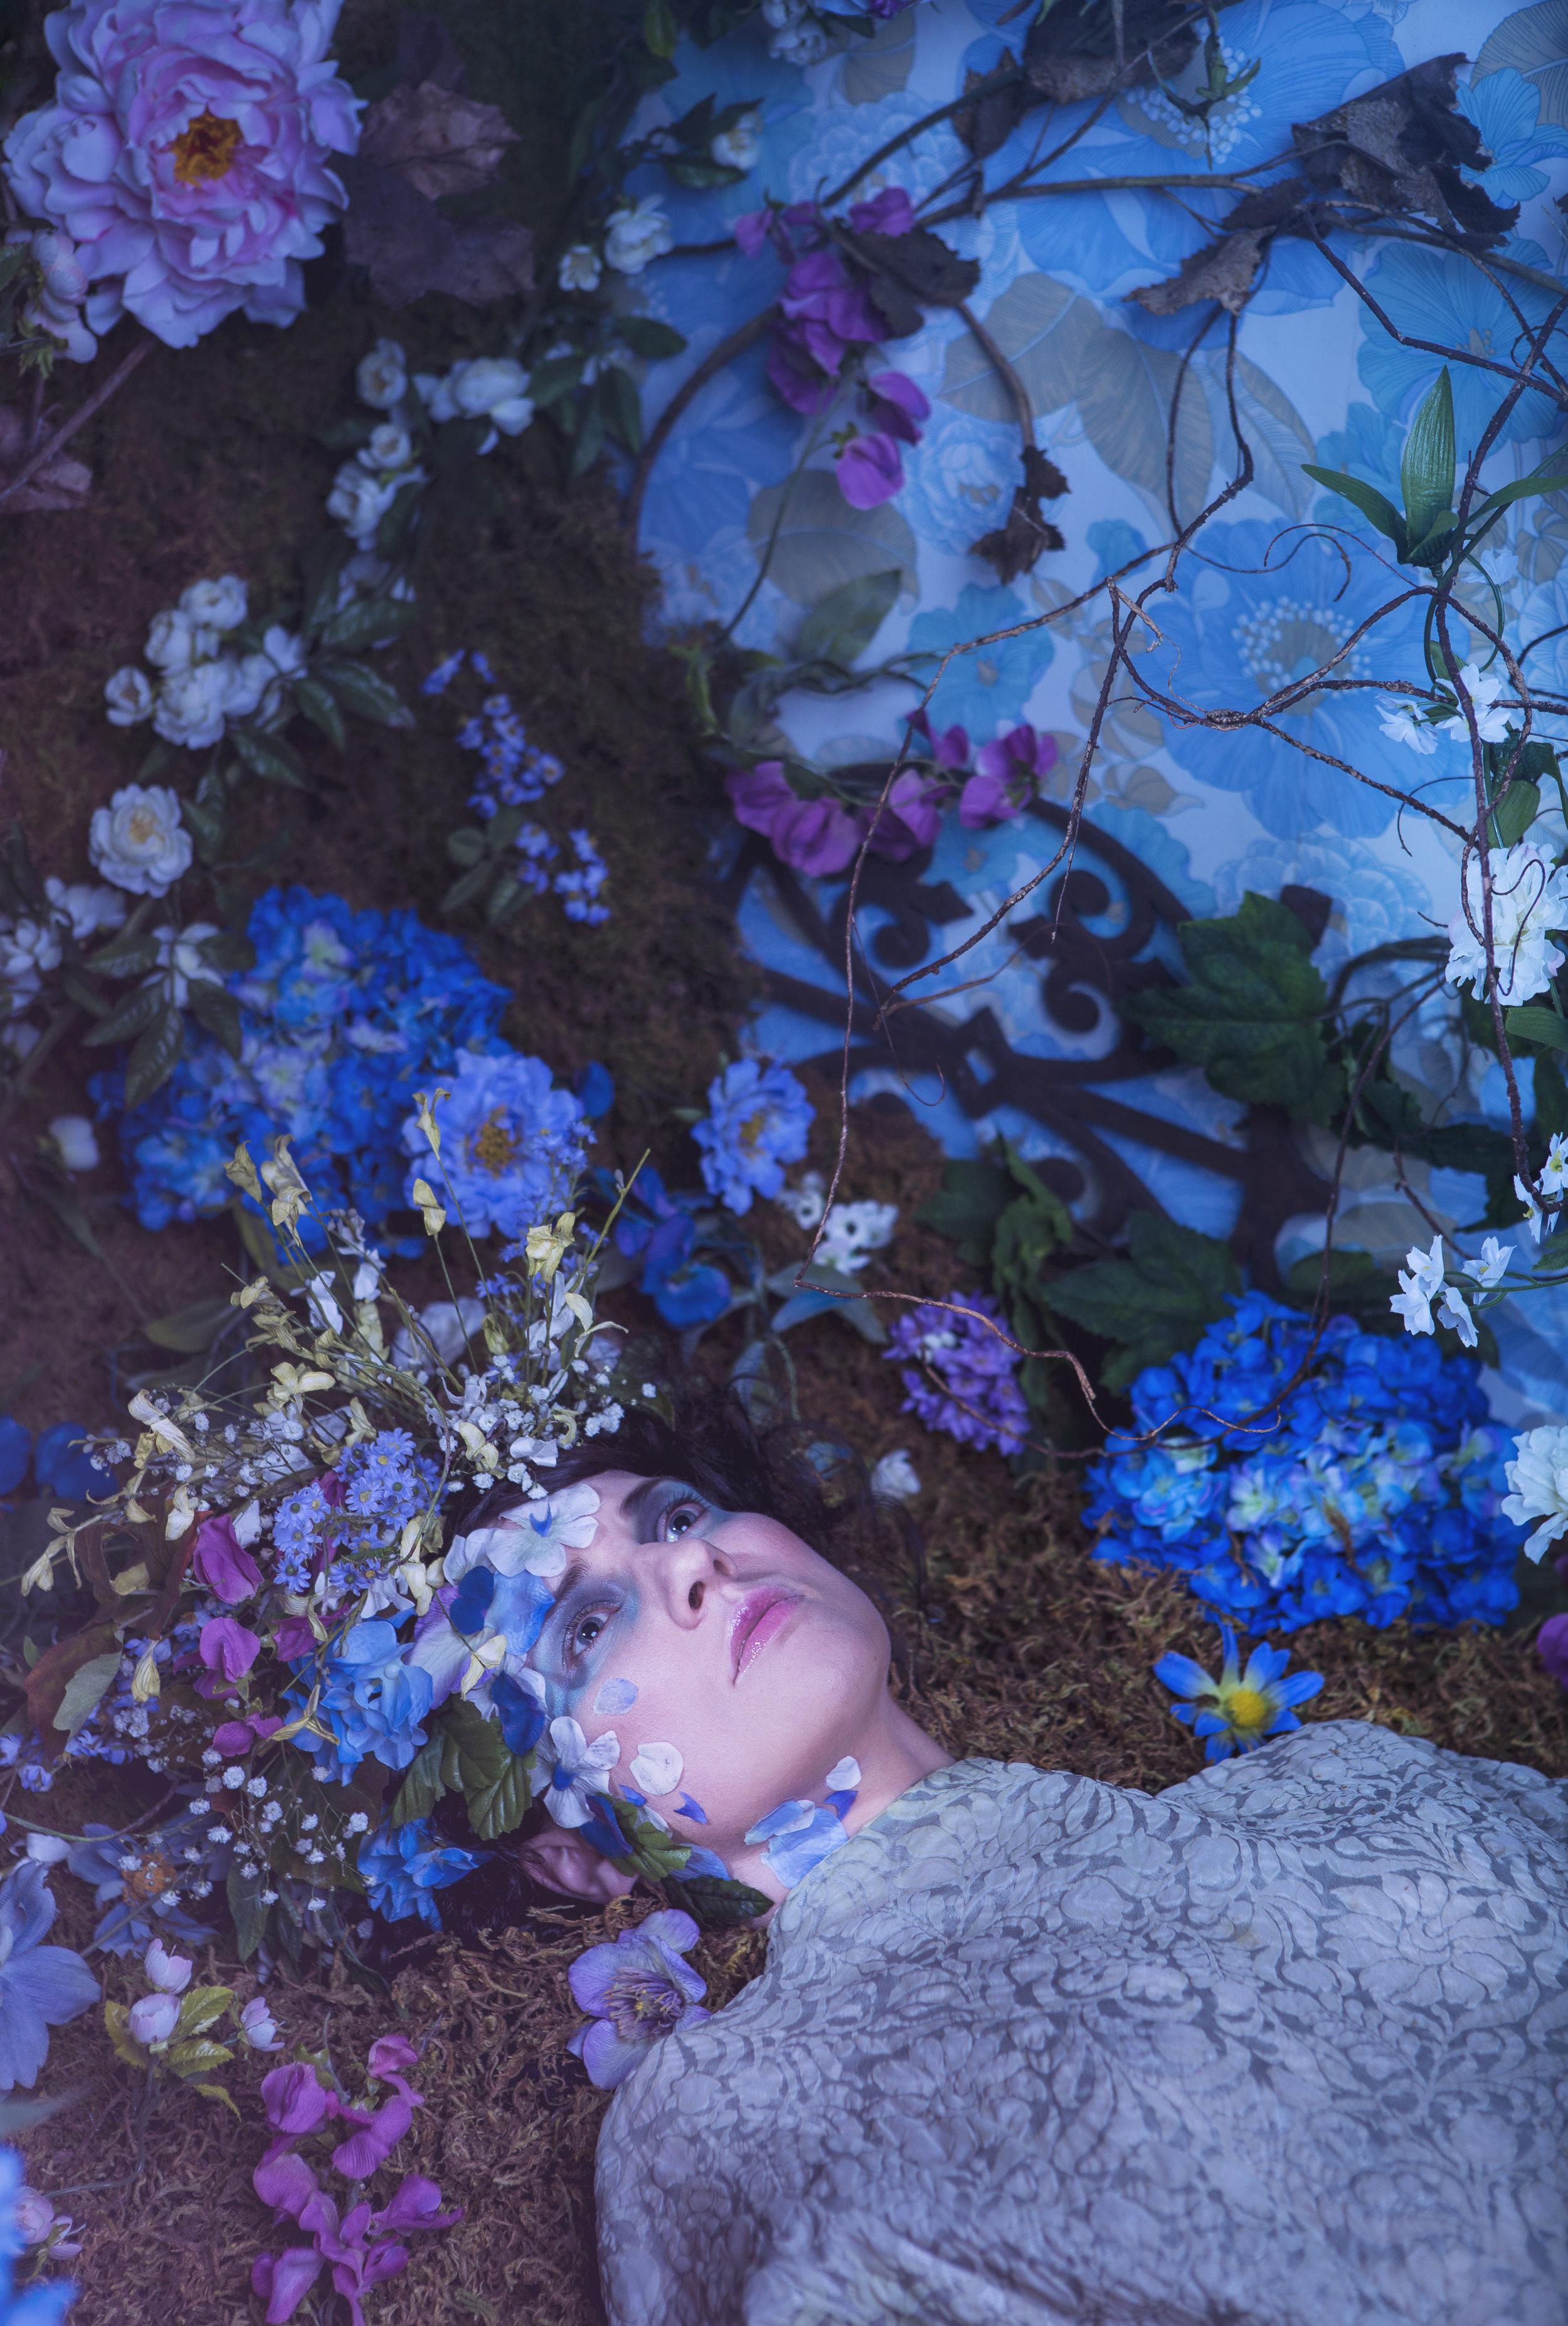 Floral_5star-3_W.jpg